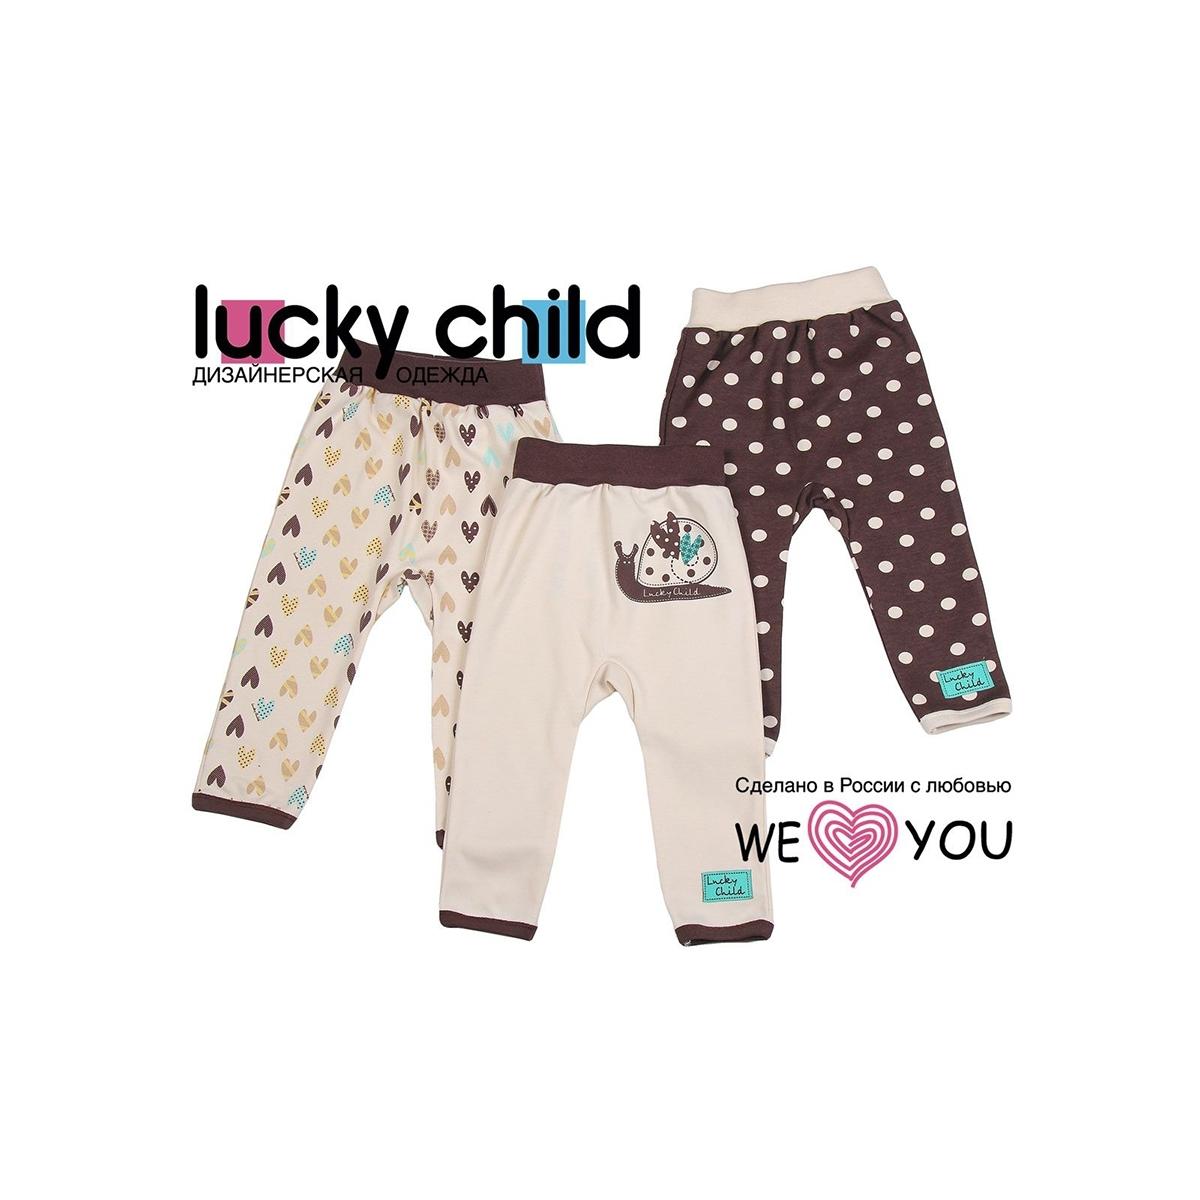 Комплект штанишки Lucky Child Улитки (3 шт) рост 74<br>